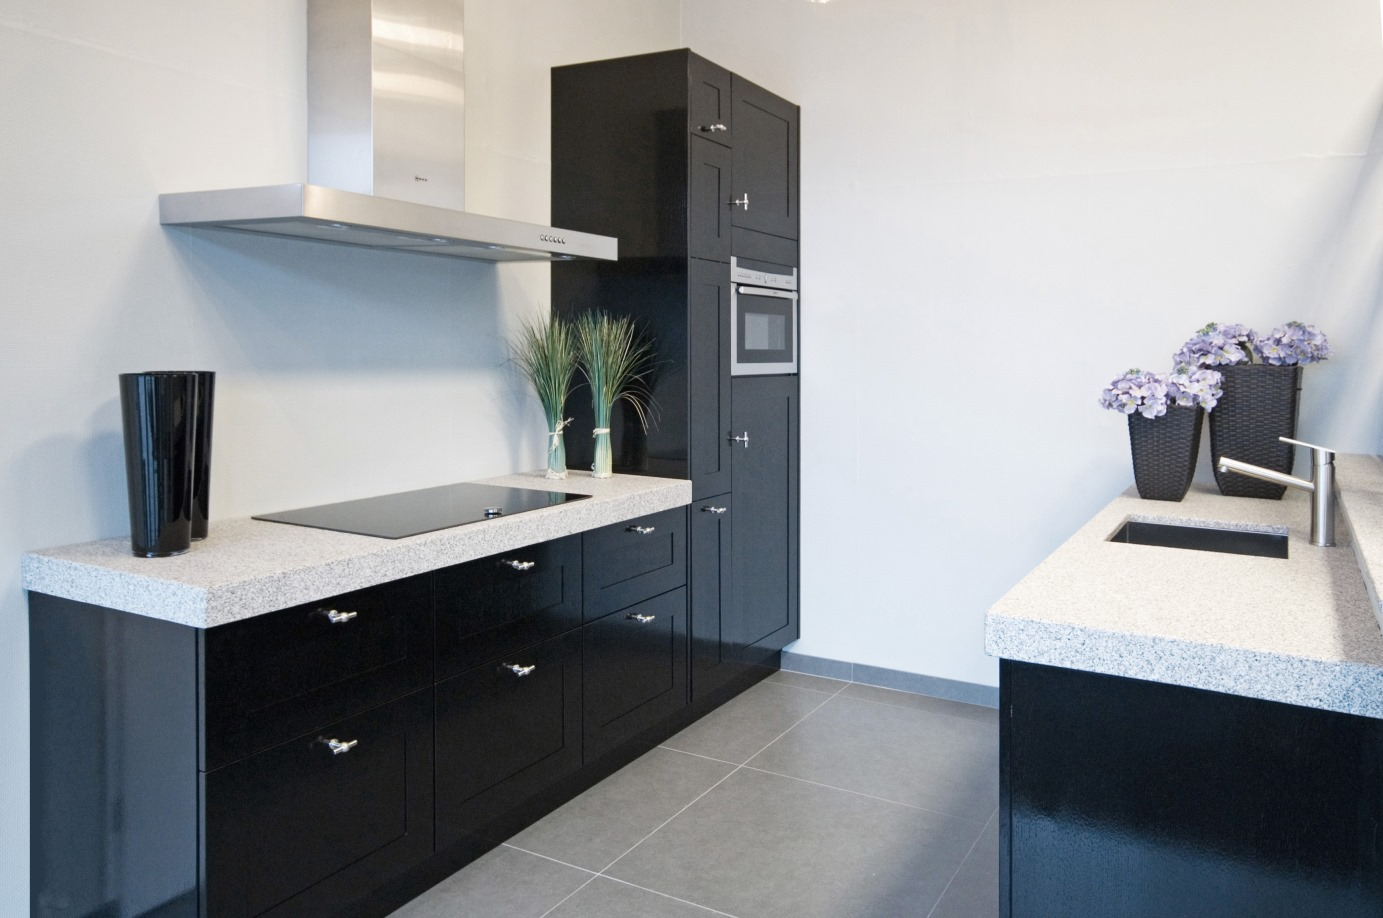 Zwart Grijs Keuken : Nieuwe next keuken in kristalgrijs en lava zwarte keukenfronten